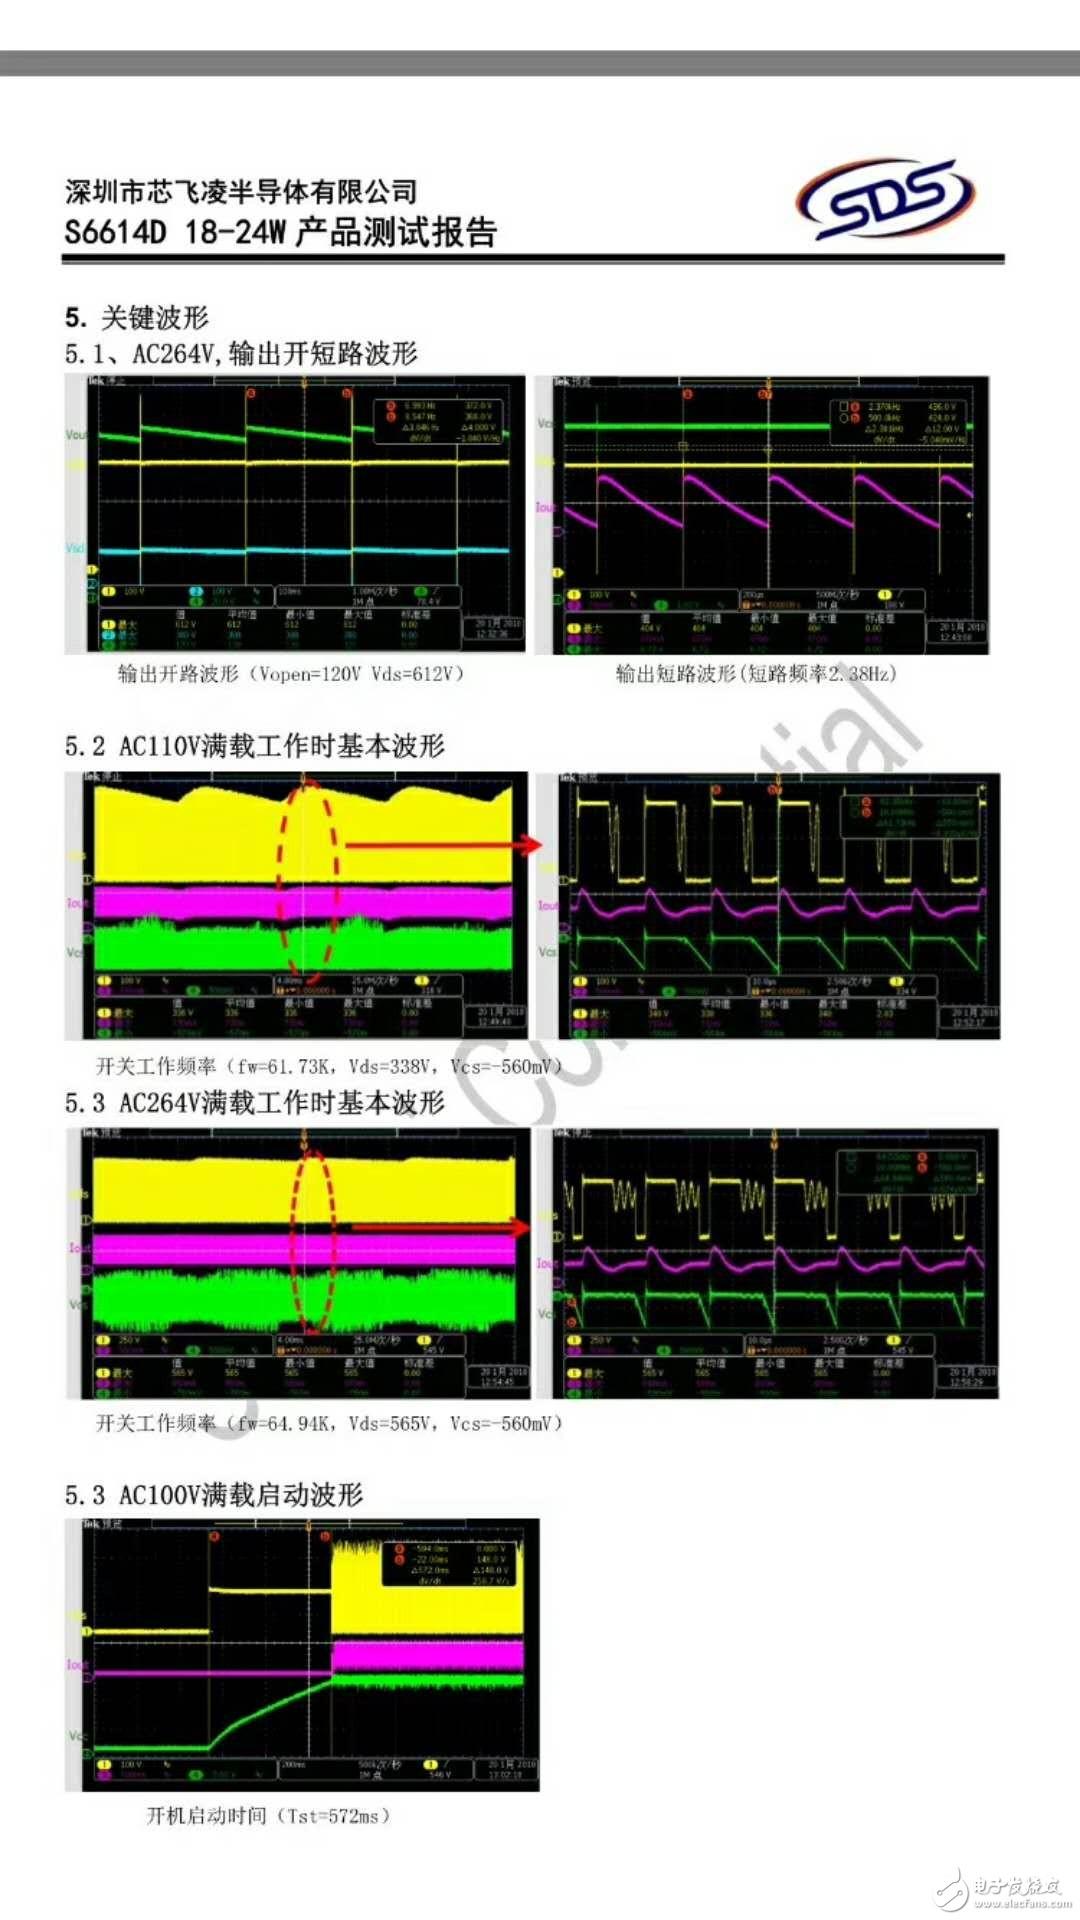 芯飞凌S6613/14常规隔离恒流开关芯片